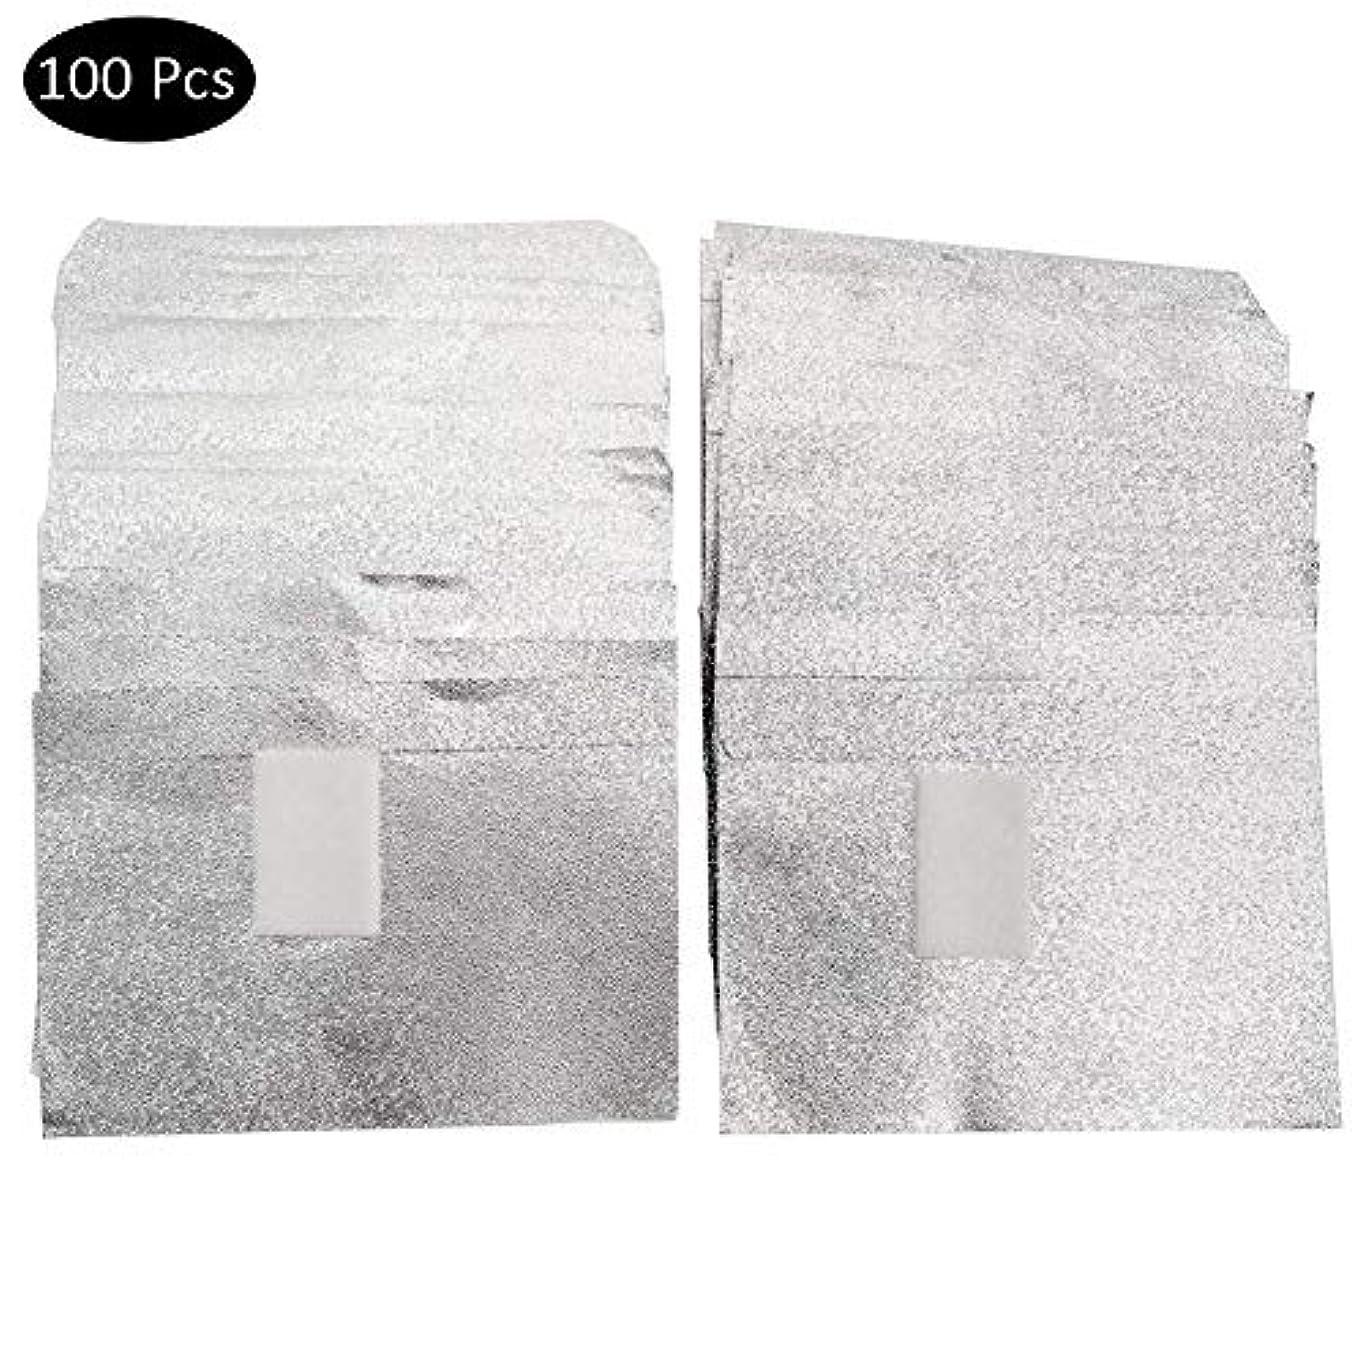 慢なバースト北方SILUN ネイルリムーバー錫箔ネイルポリッシュットン付きアルミホイル ジェル除却 使い捨て 爪マニキュア用品100枚入り使い捨て コットン付きアルミホイル ネイル用品 マニキュア用品